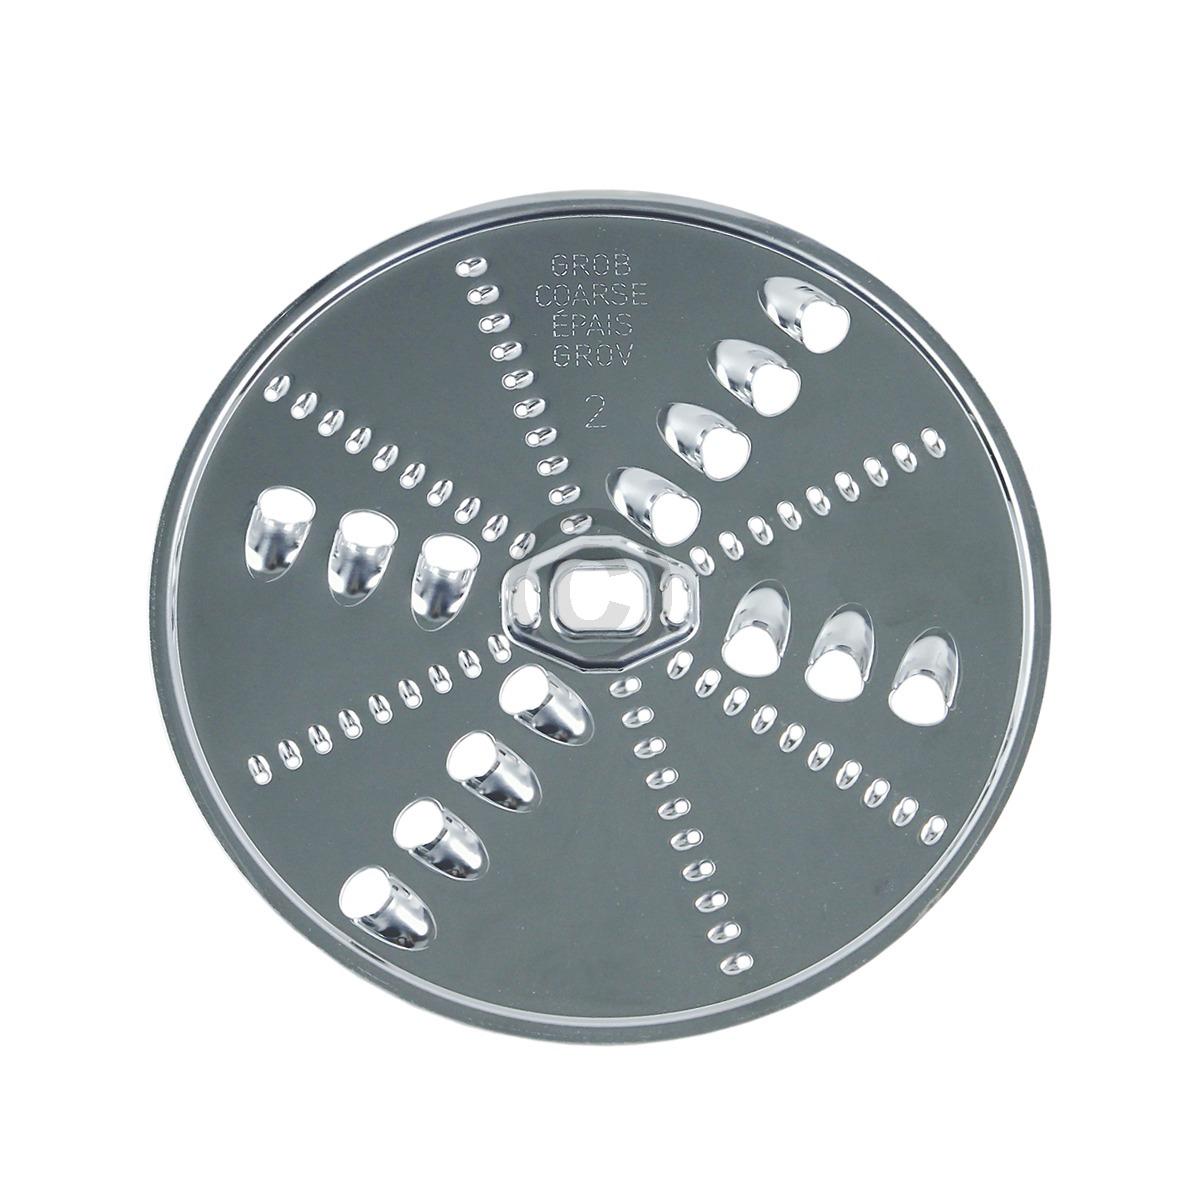 Raspelscheibe Bosch 00083577 Wendescheibe grob für Durchlaufschnitzler